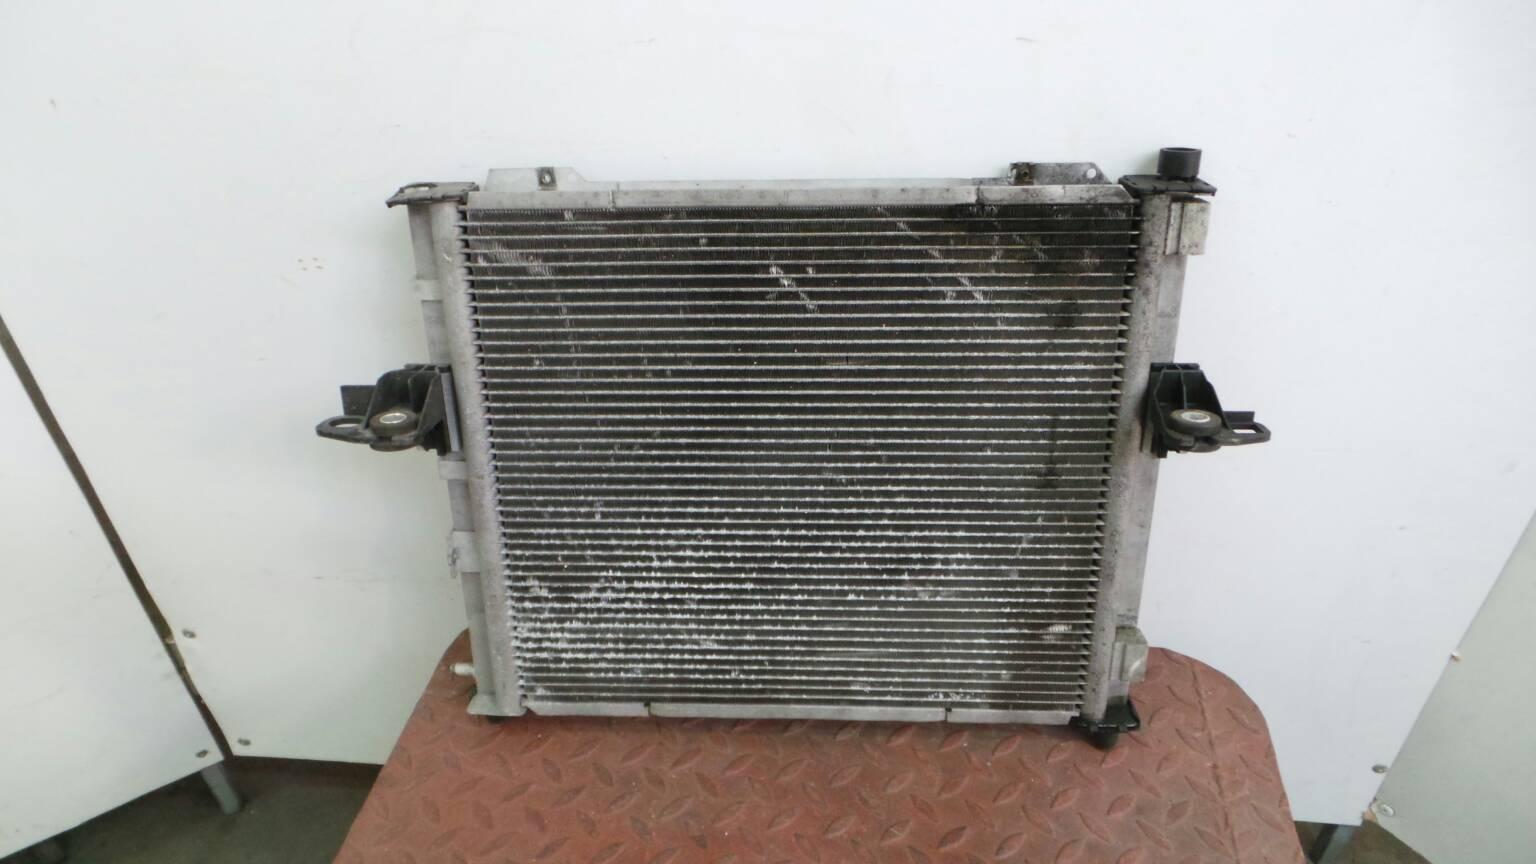 L/'eau radiateur refroidisseur AC modules moteur radiateur RENAULT TWINGO I 1,2 96-8200289194